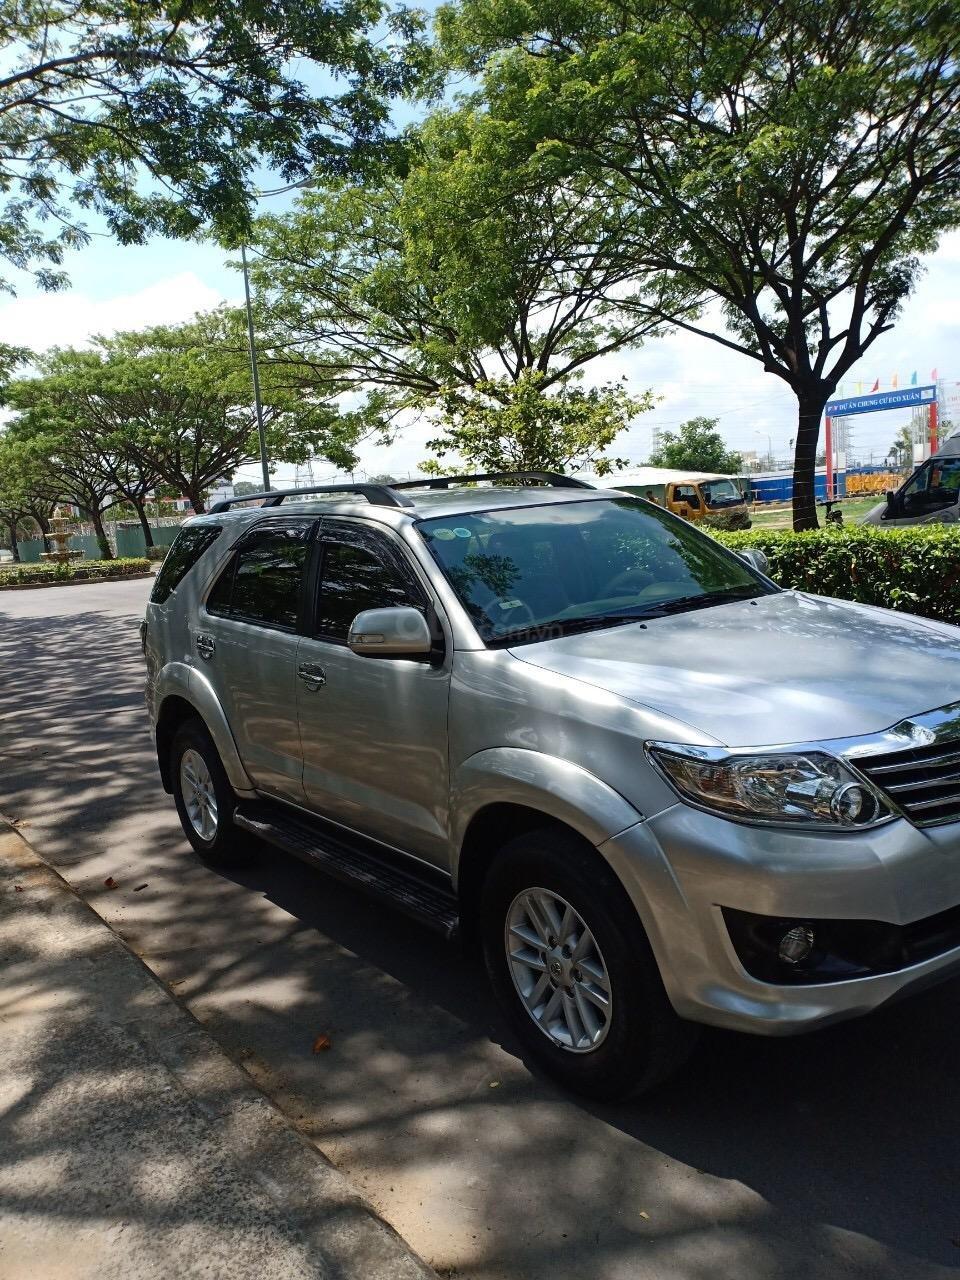 Bán Toyota Fortuner 2.7V năm 2013, xe nhà đi sử dụng kĩ, bán giá 665 triệu-1